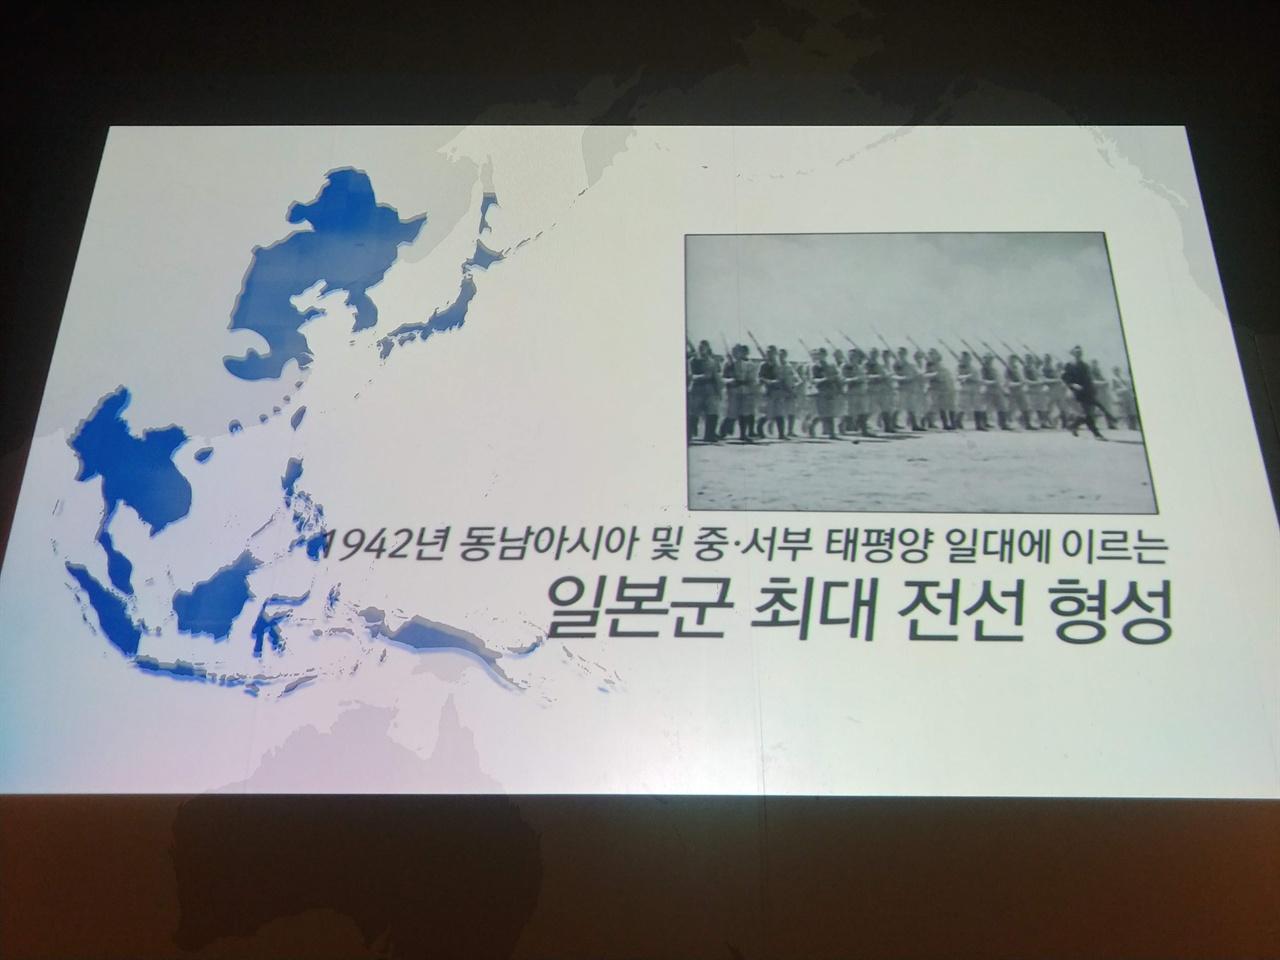 일본의 식민지 및 점령지 지도 1942년 동남아시아 및 중, 서부 태평양 일대에 이르는 일본군 최대 전선 형성. 피해자들의 규모도 상상을 초월할 것으로 예상된다.